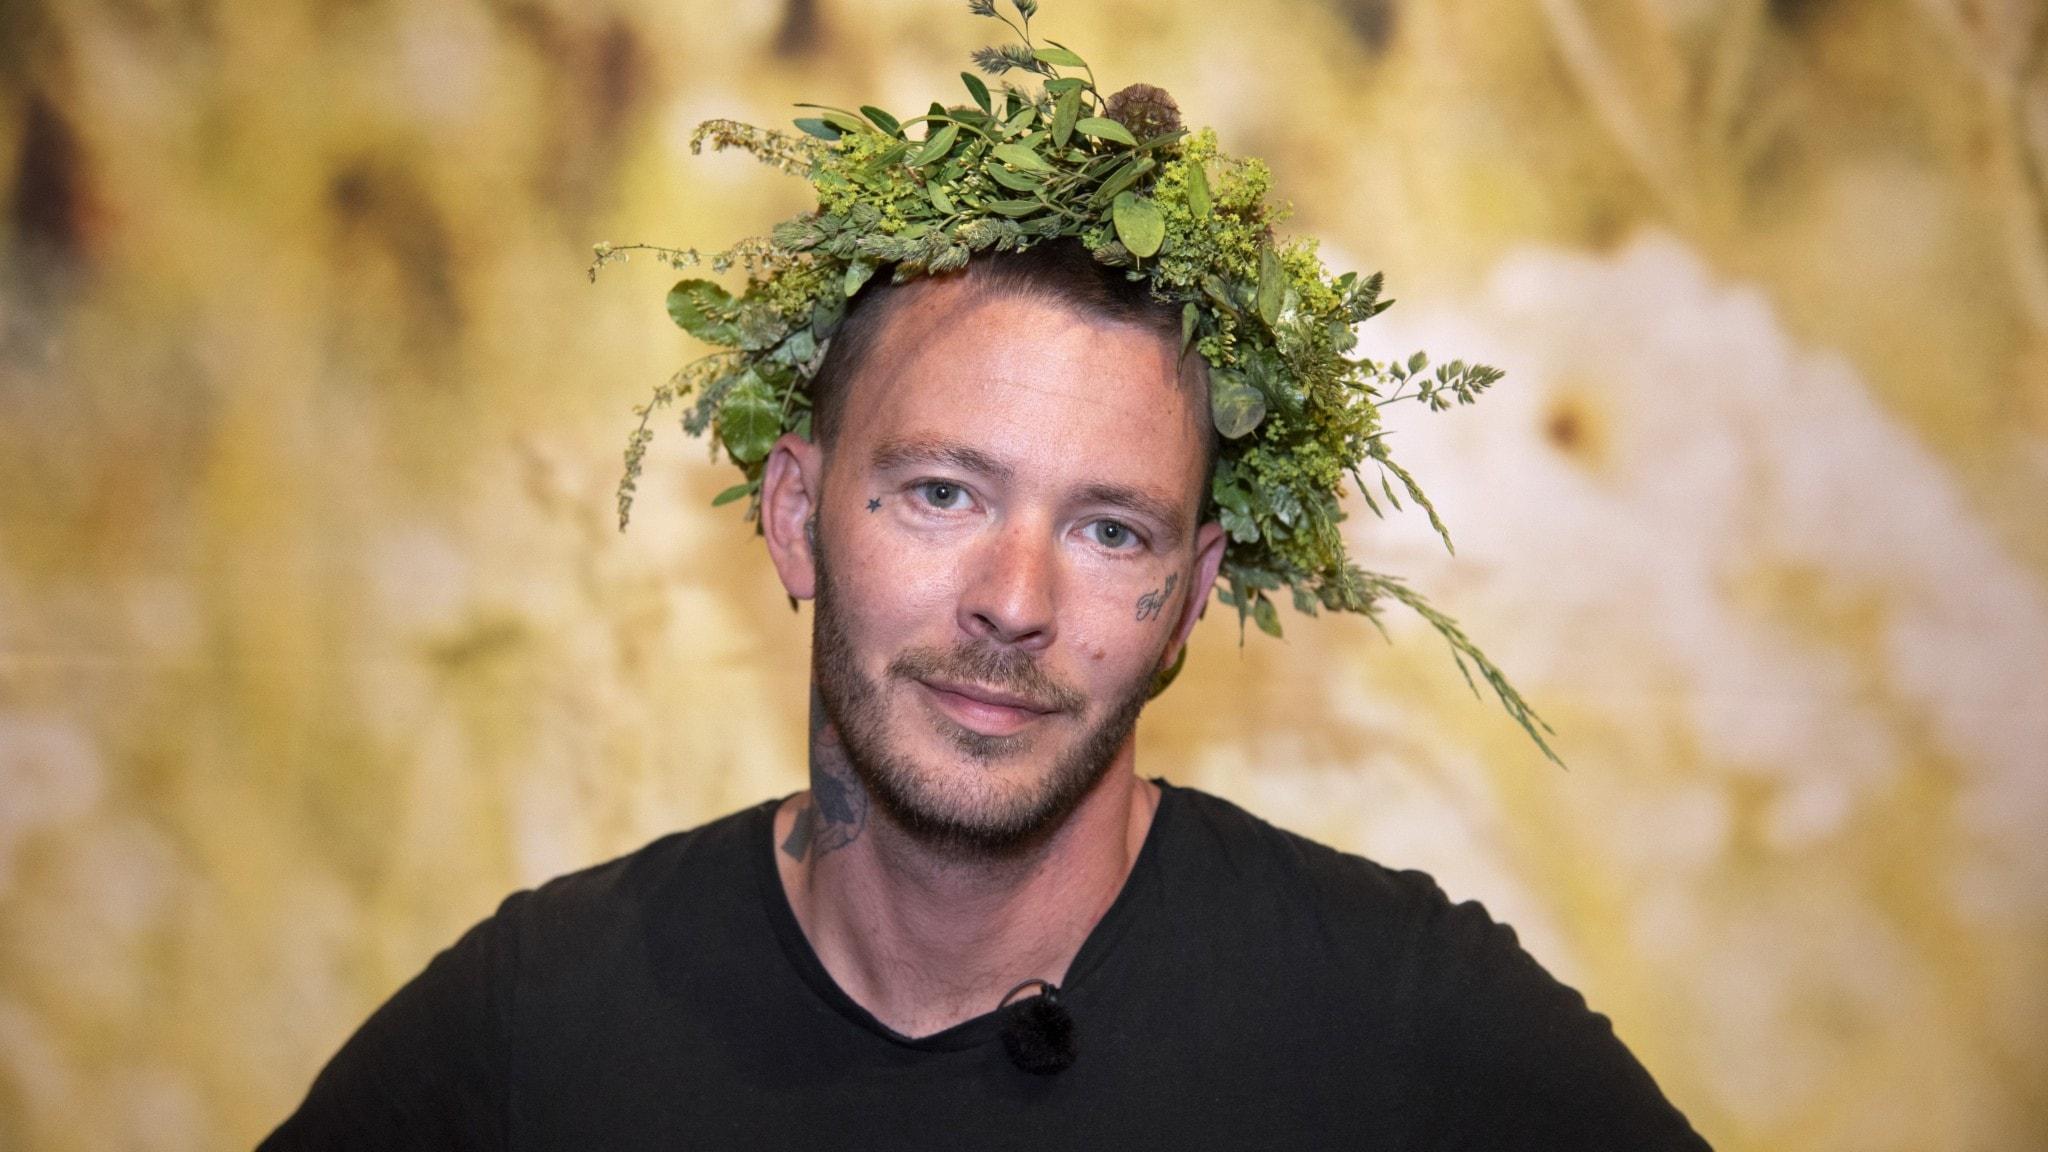 Förtalsutredning efter bråk med Sveriges största youtubers, Marcus Oscarssons mediekritik får kritik, SvD backar efter felaktig ubåtsrubrik